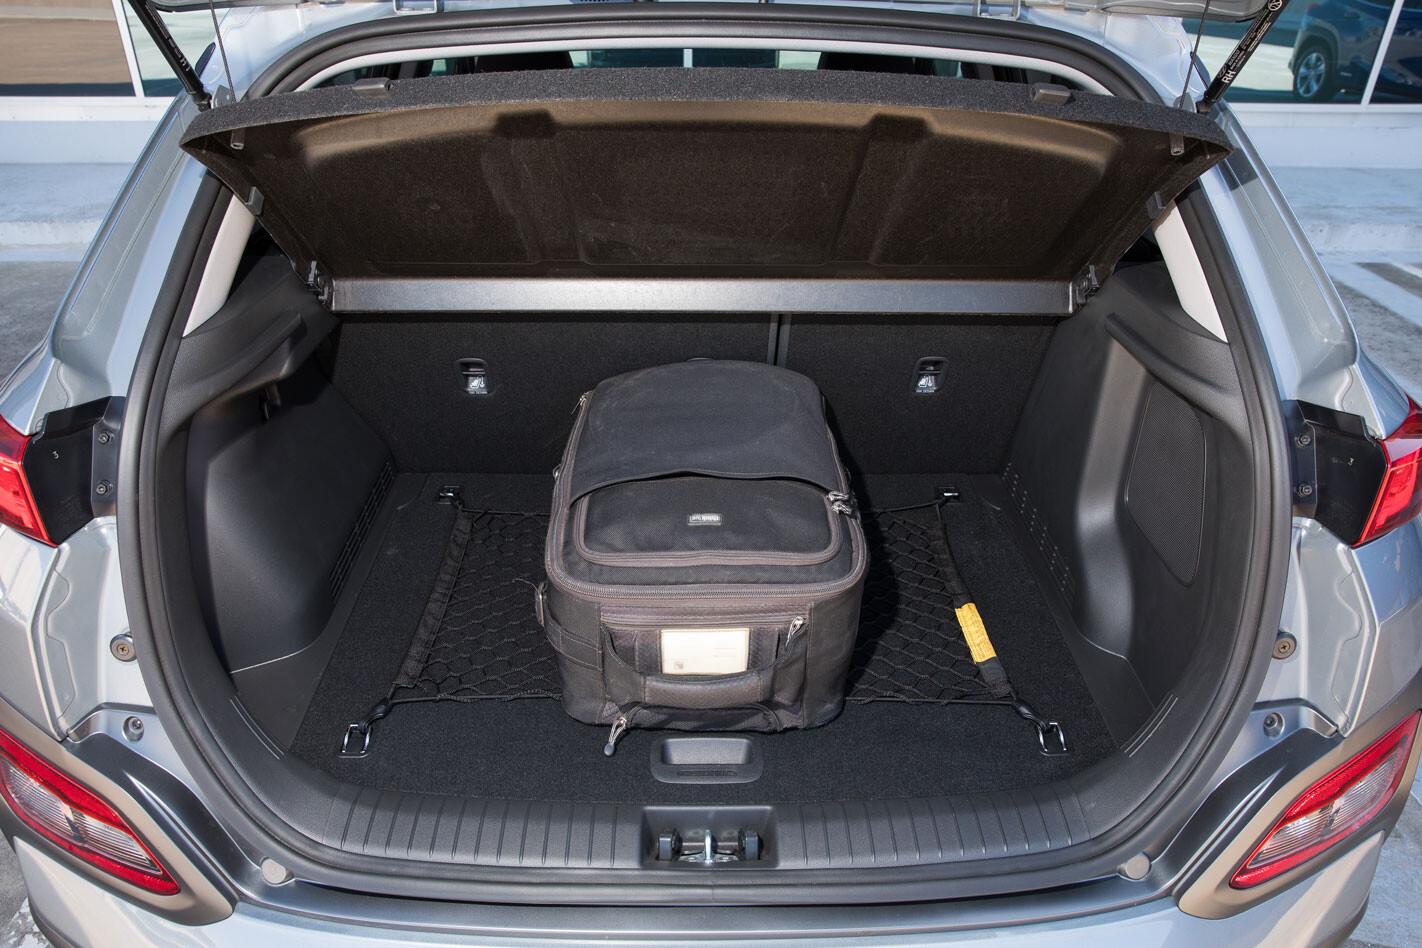 Hyundai Kona EV boot size